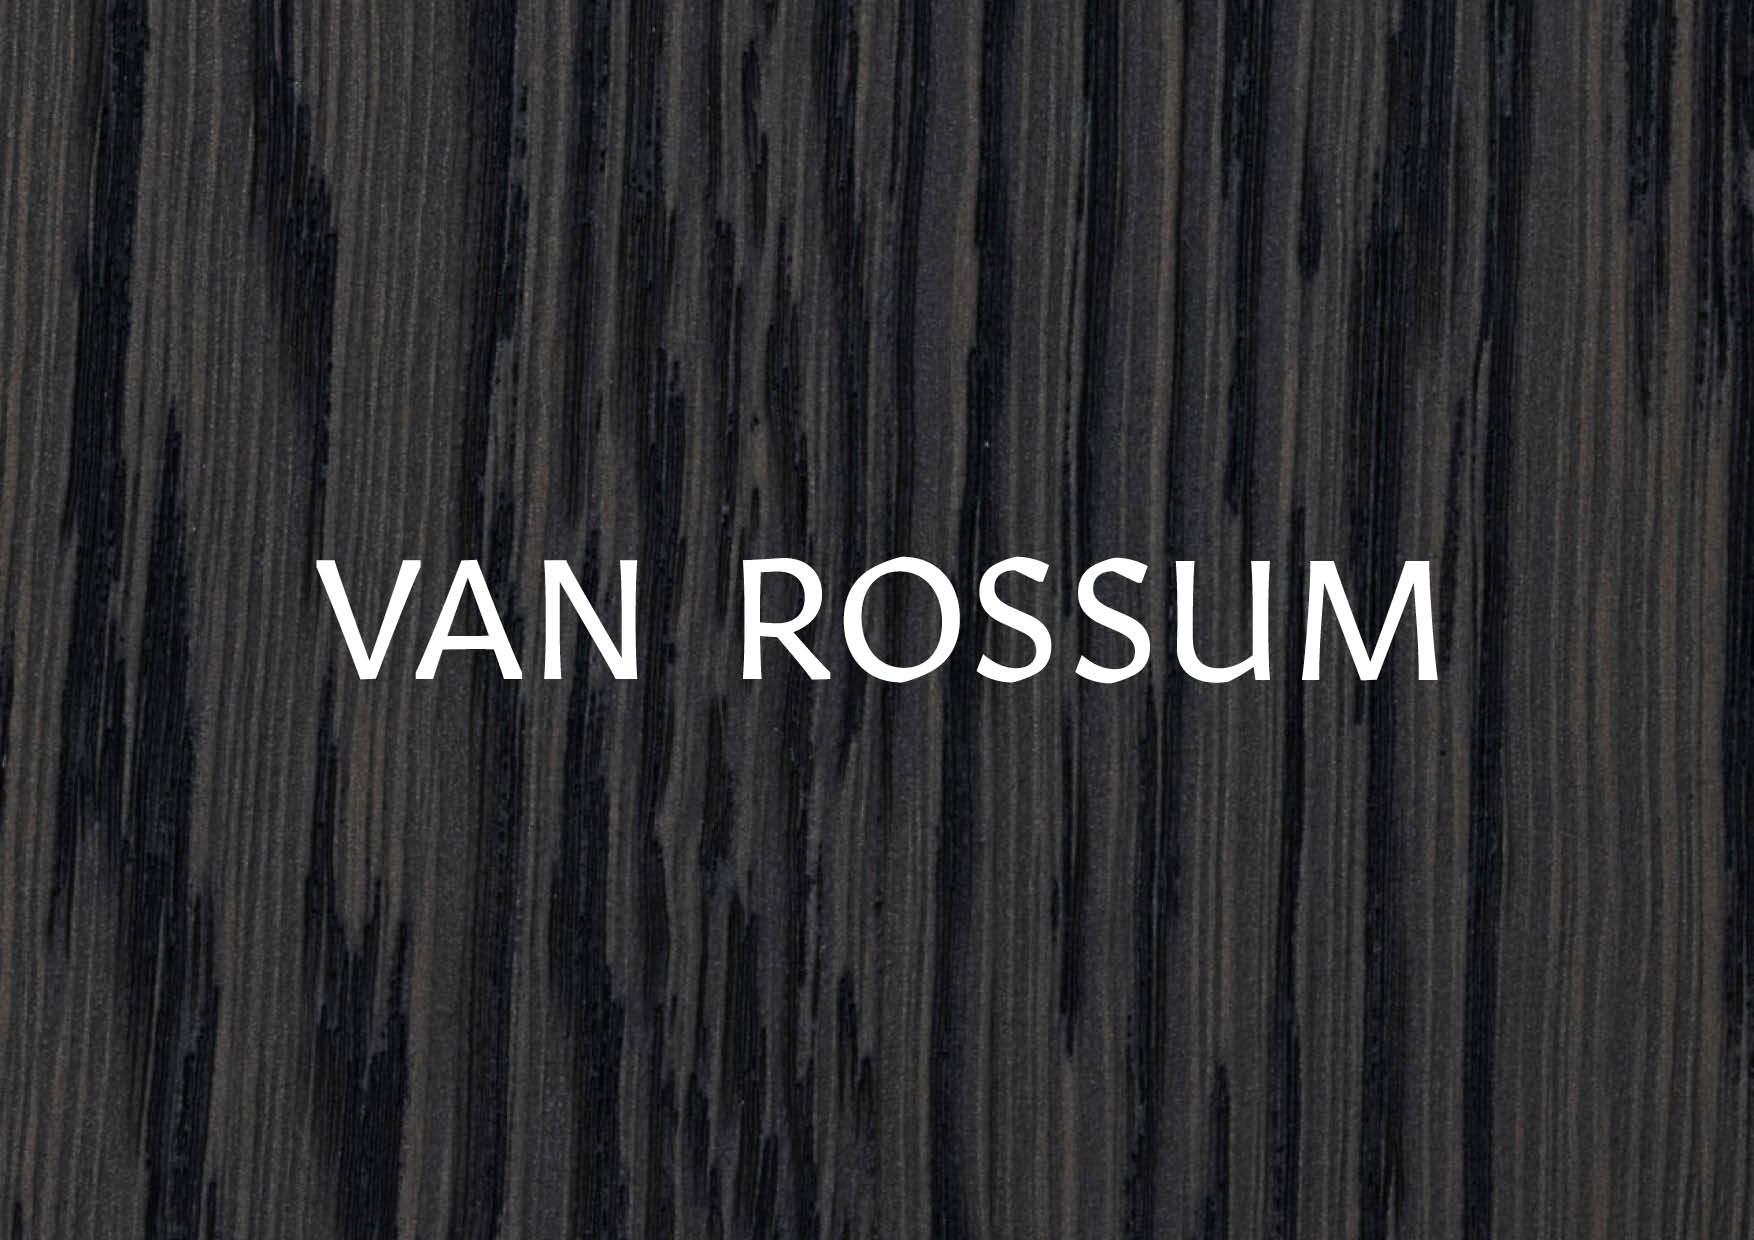 nicoletta-dalfino-van-rossum-logo-white-wood